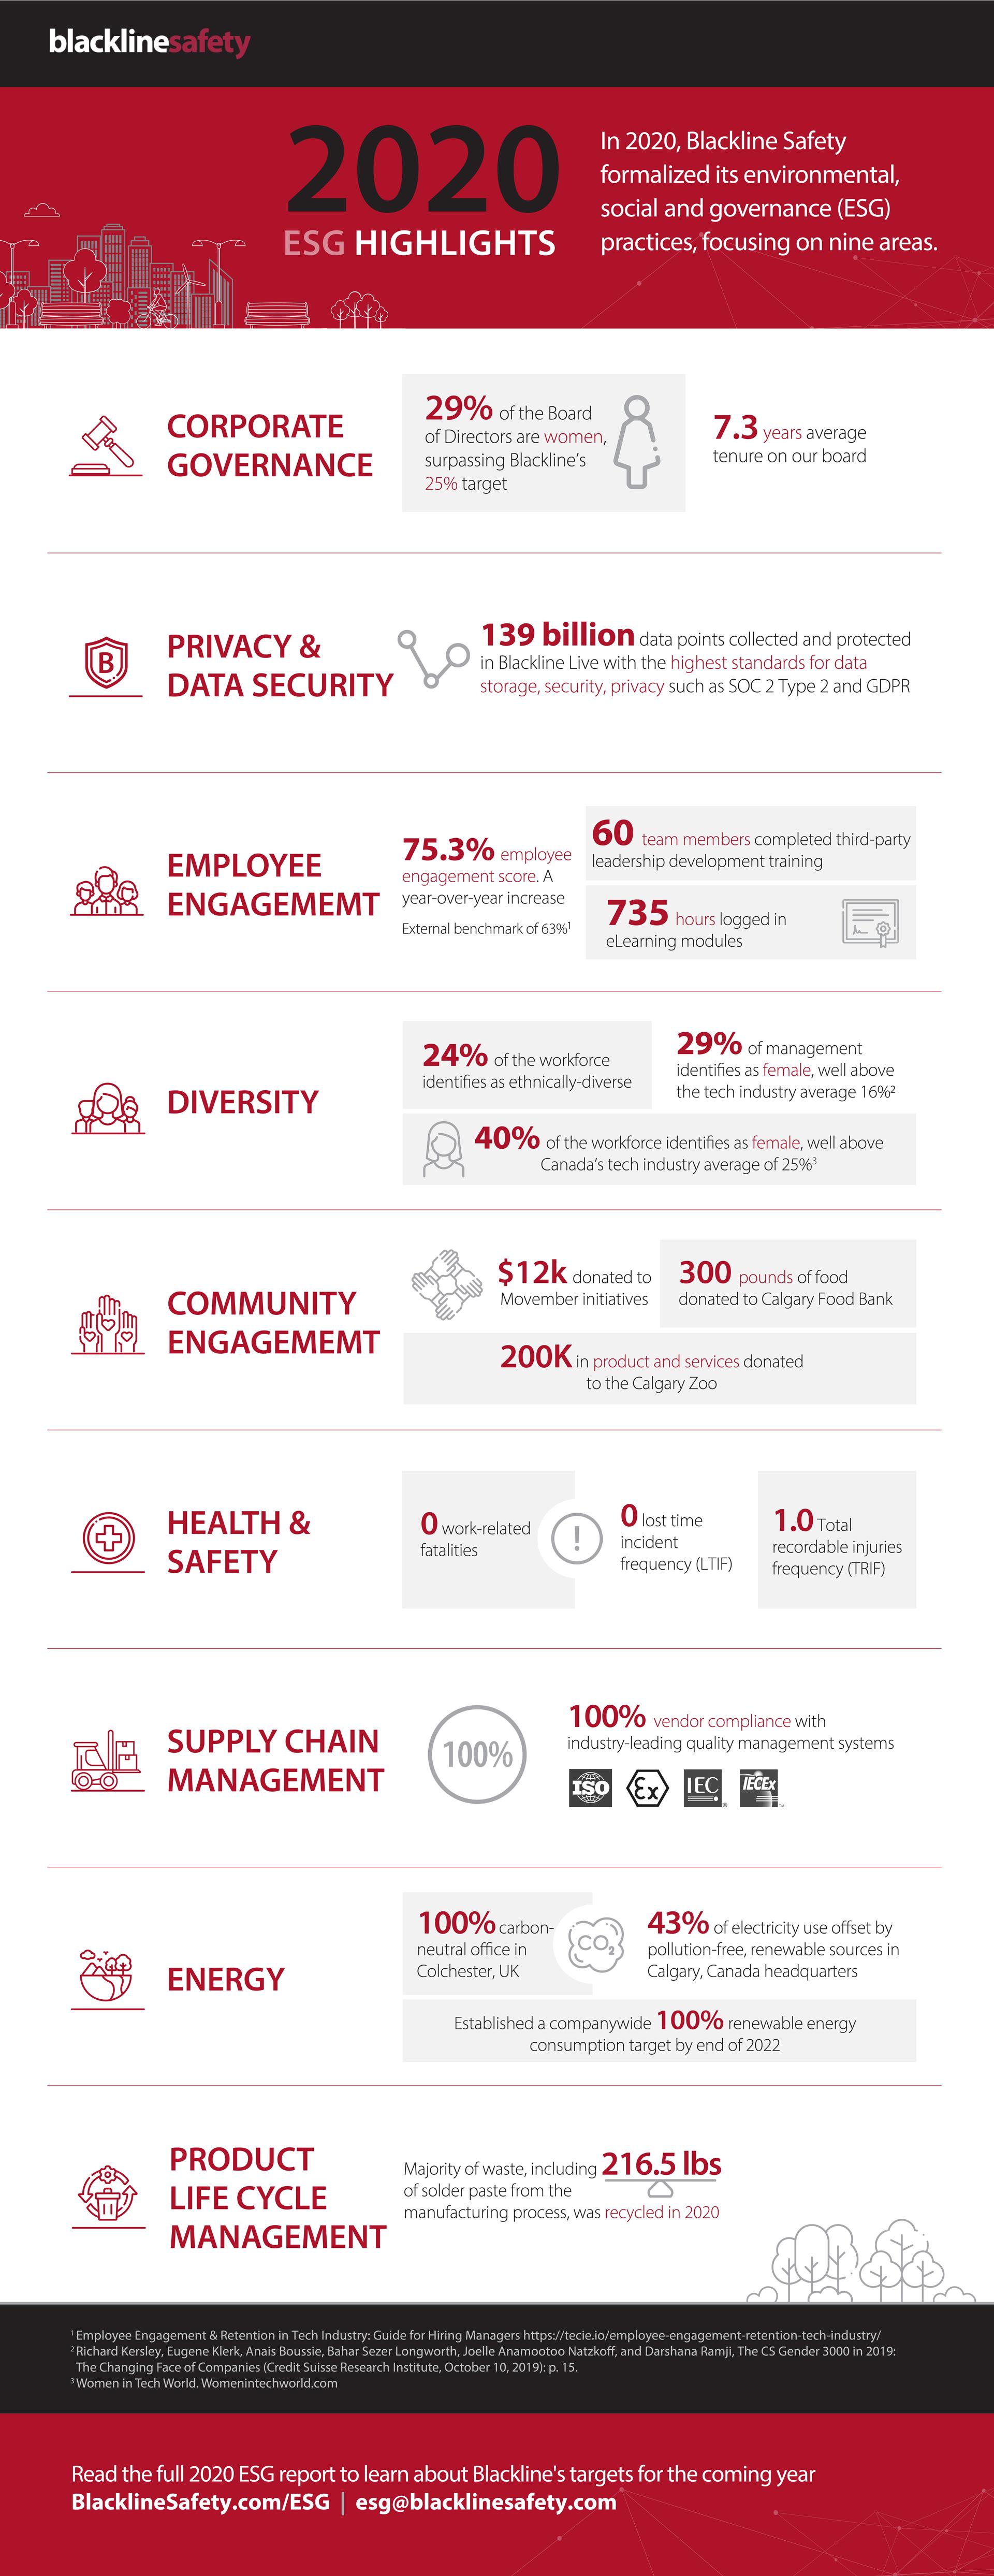 2020-ESG-Highlights-Infographic_v4